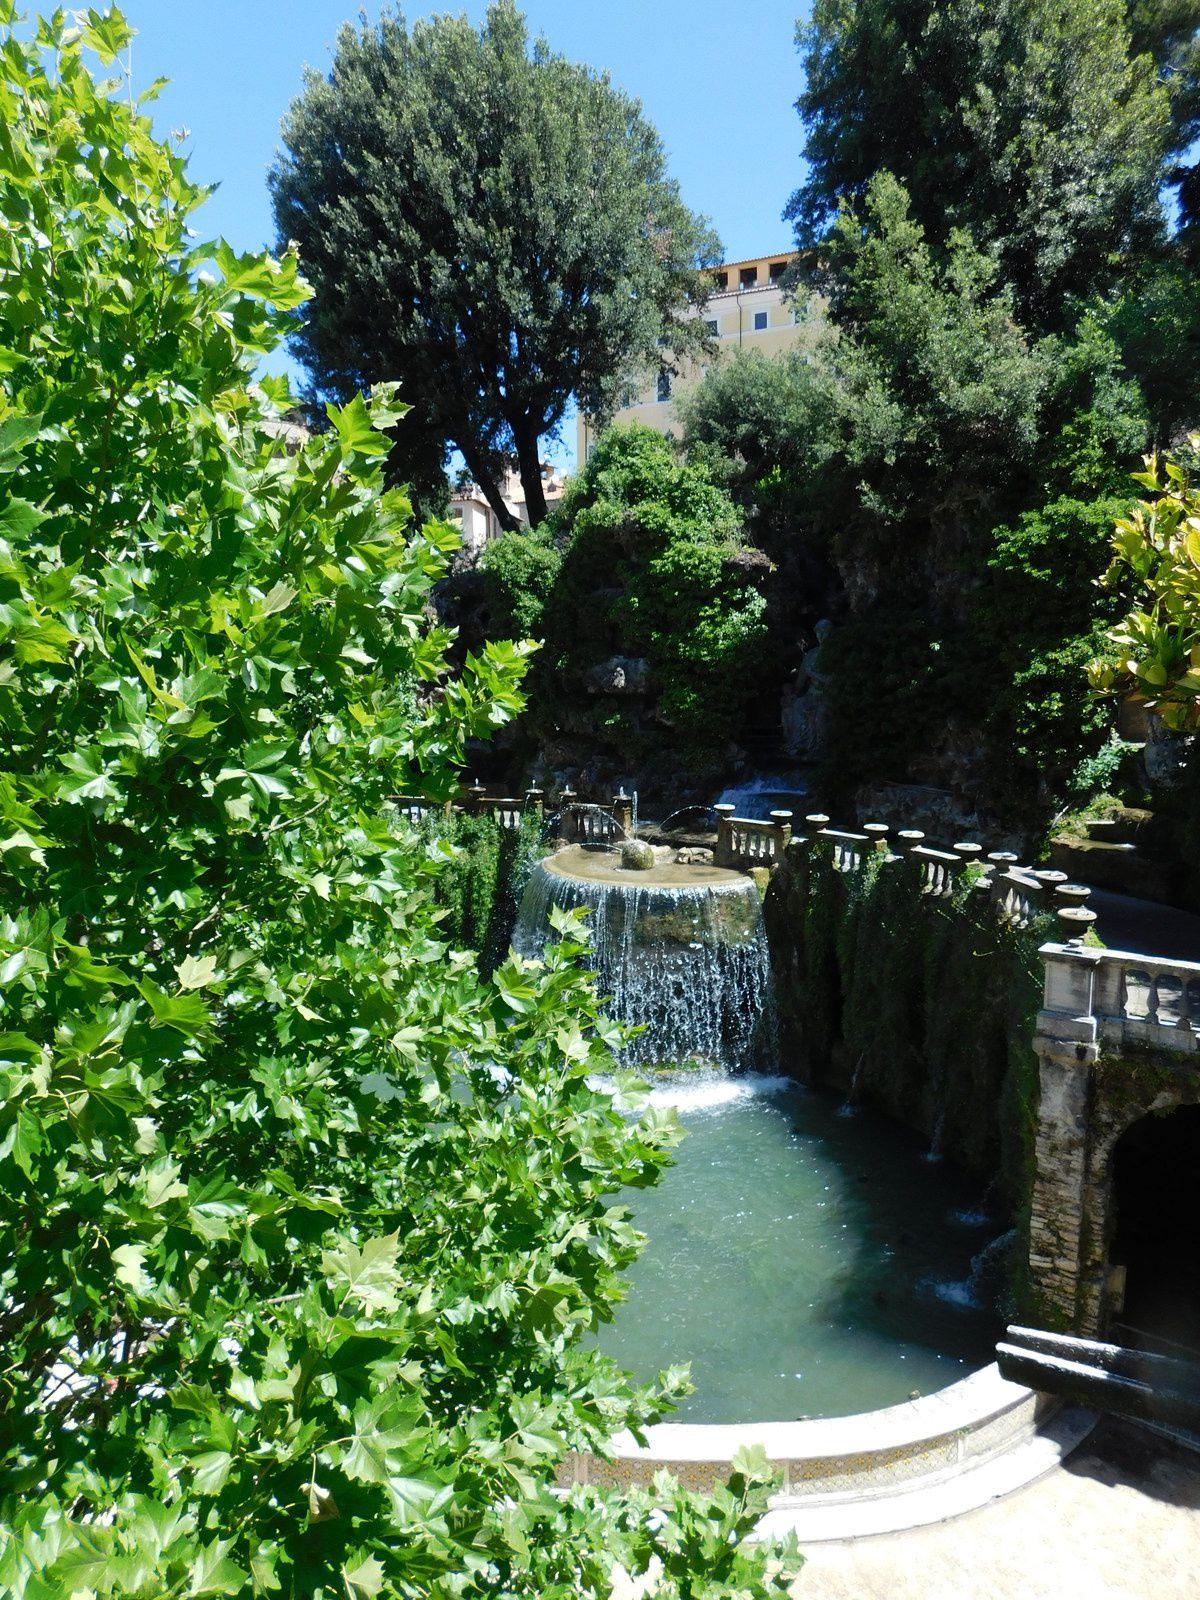 Villa d 39 este tivoli jardin de for Jardin villa d este